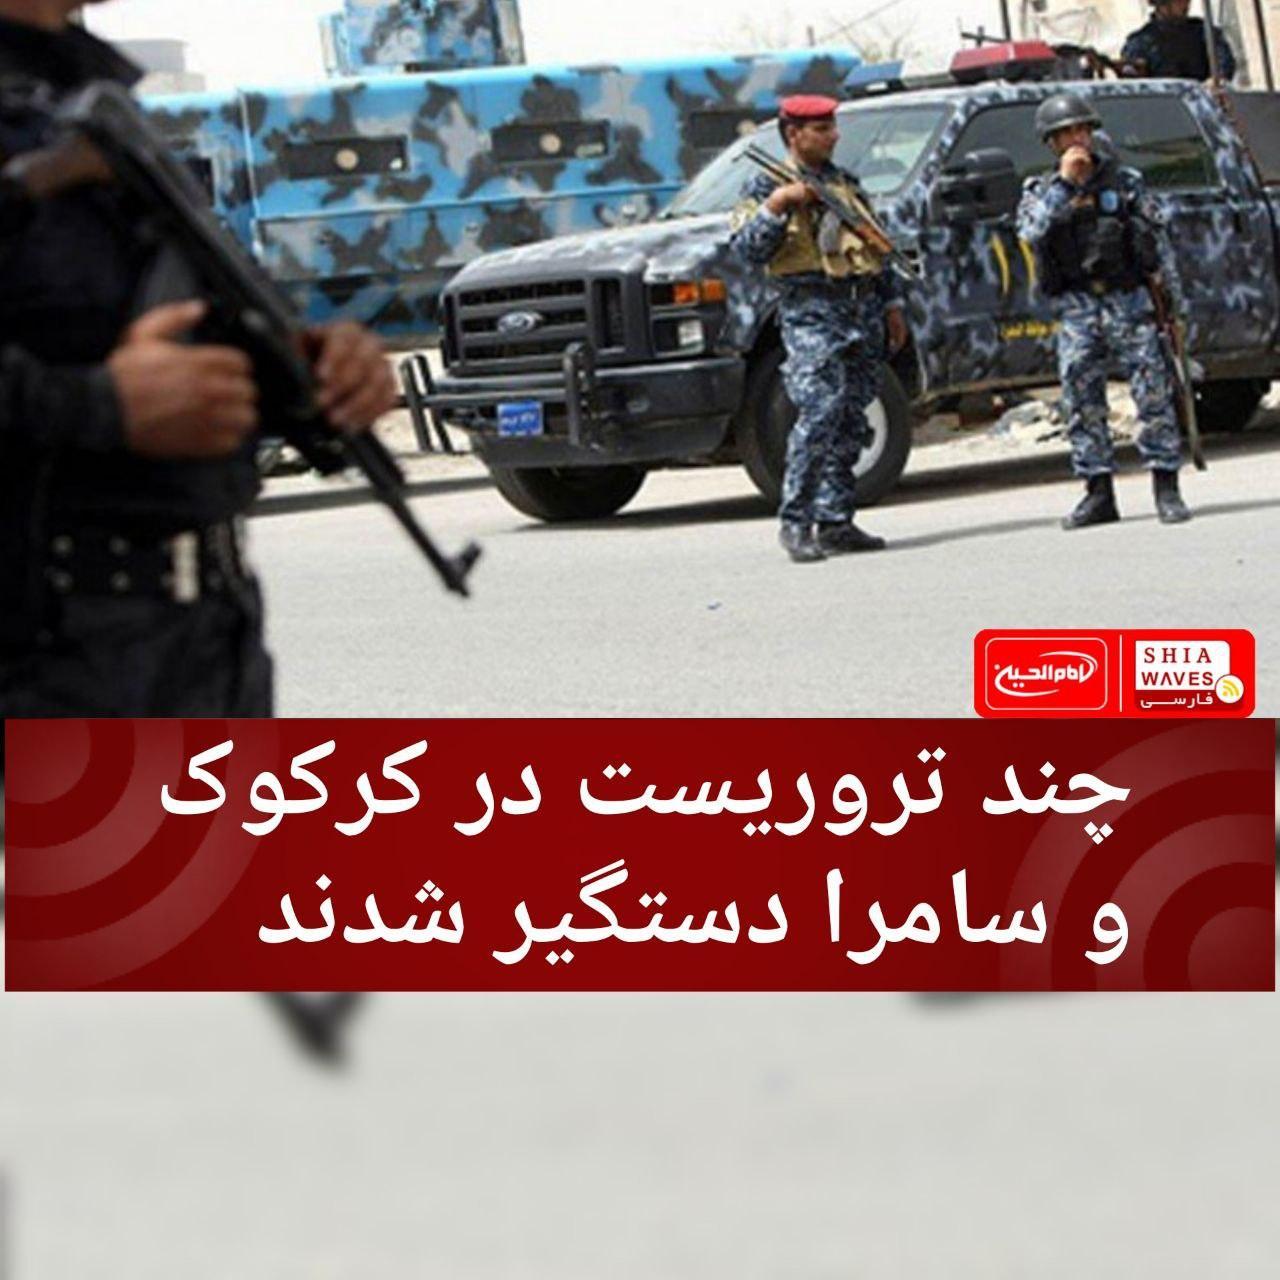 تصویر چند تروریست در کرکوک و سامرا دستگیر شدند.